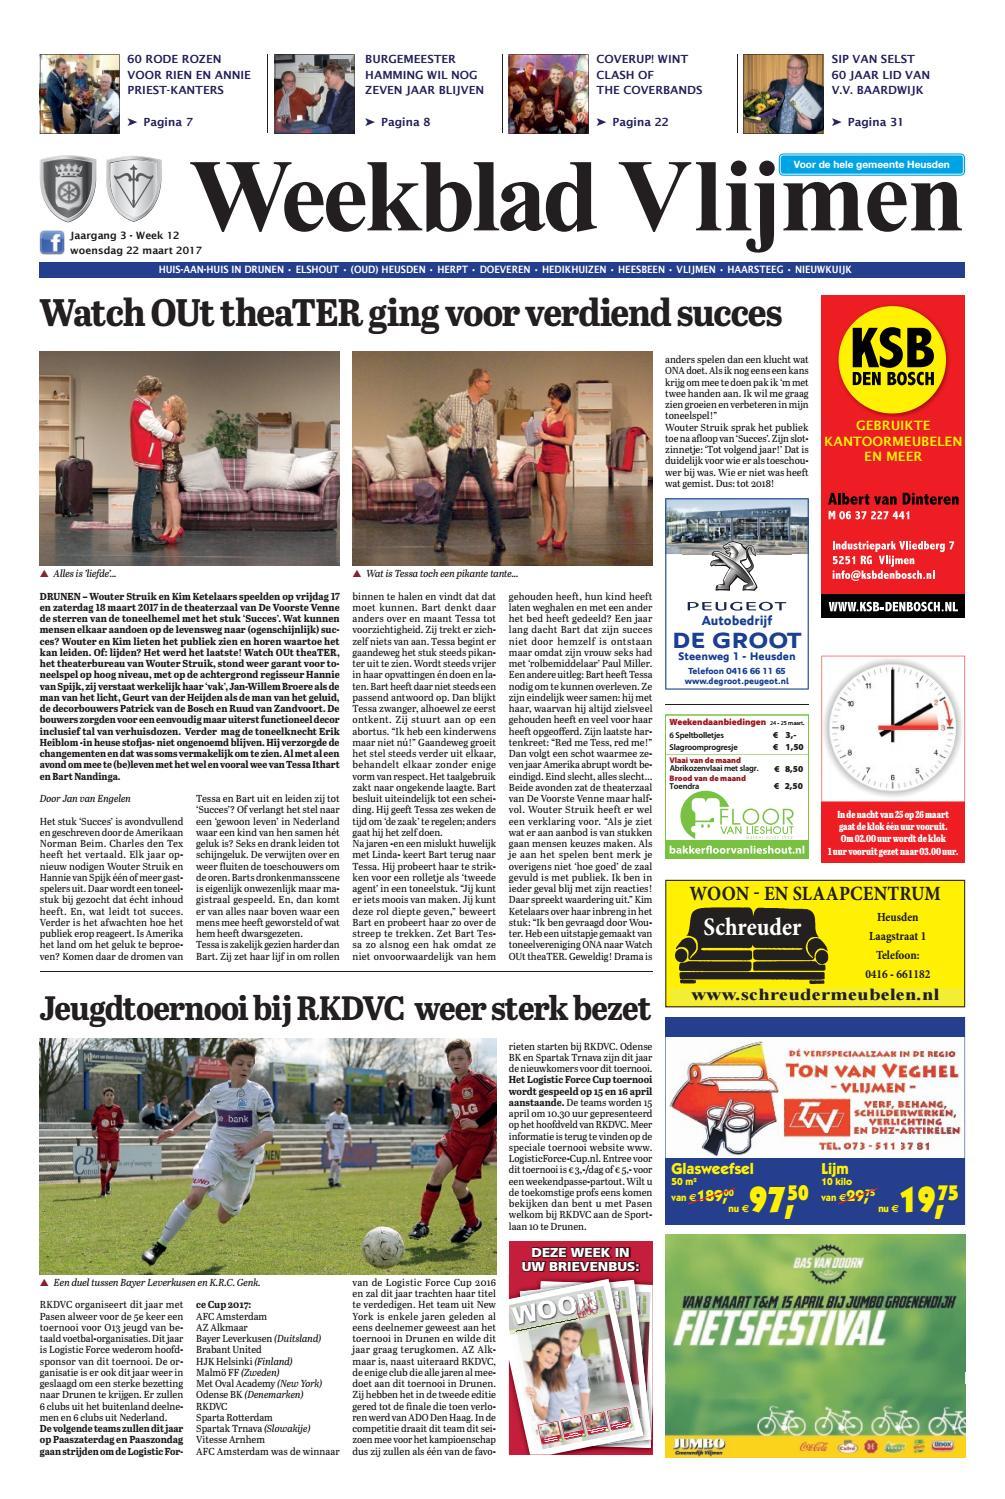 Weekblad Vlijmen 22 03 2017 By Uitgeverij Em De Jong Issuu Gelang Karet Blanden